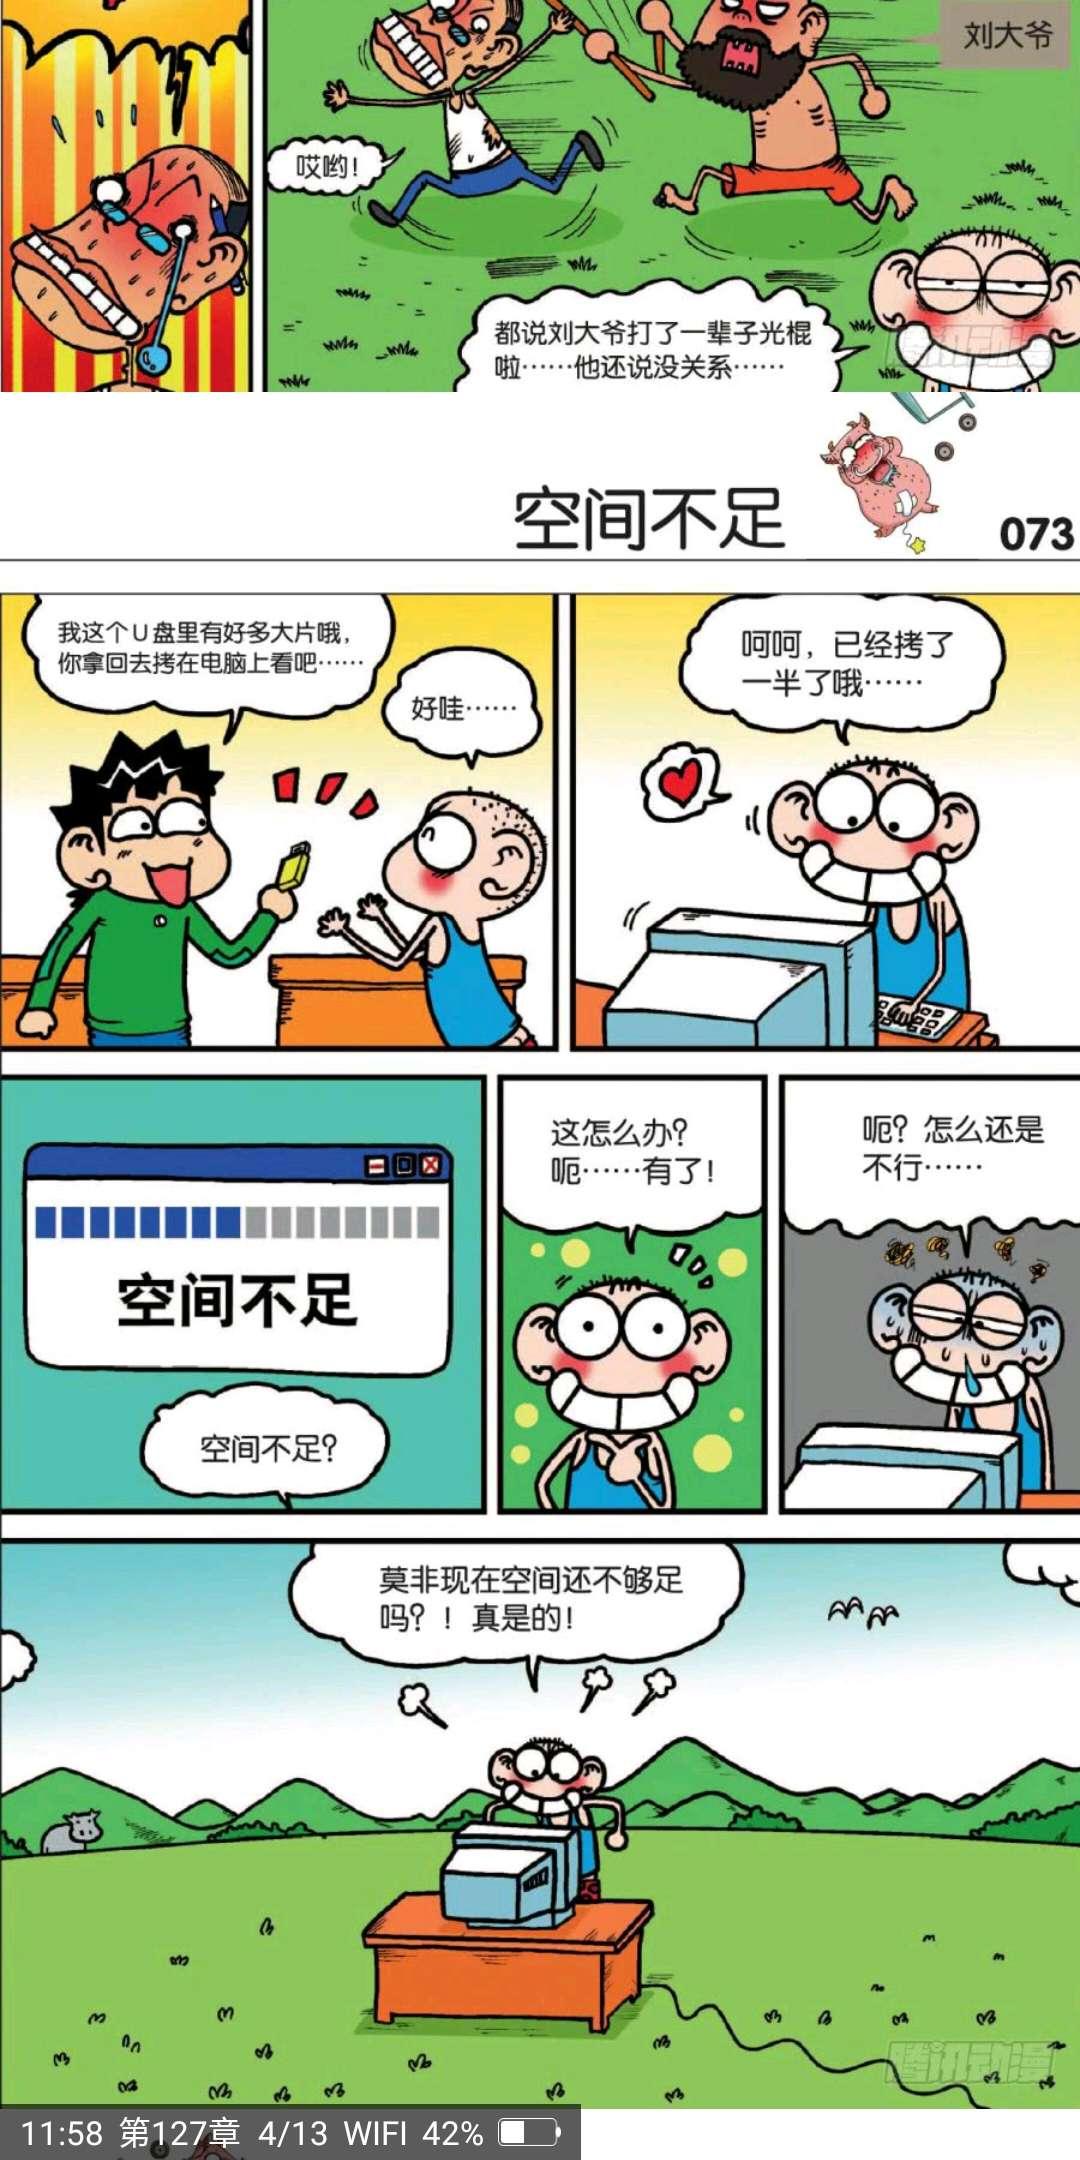 【分享】扑飞动漫 最新去广告版 白嫖全网付费动漫